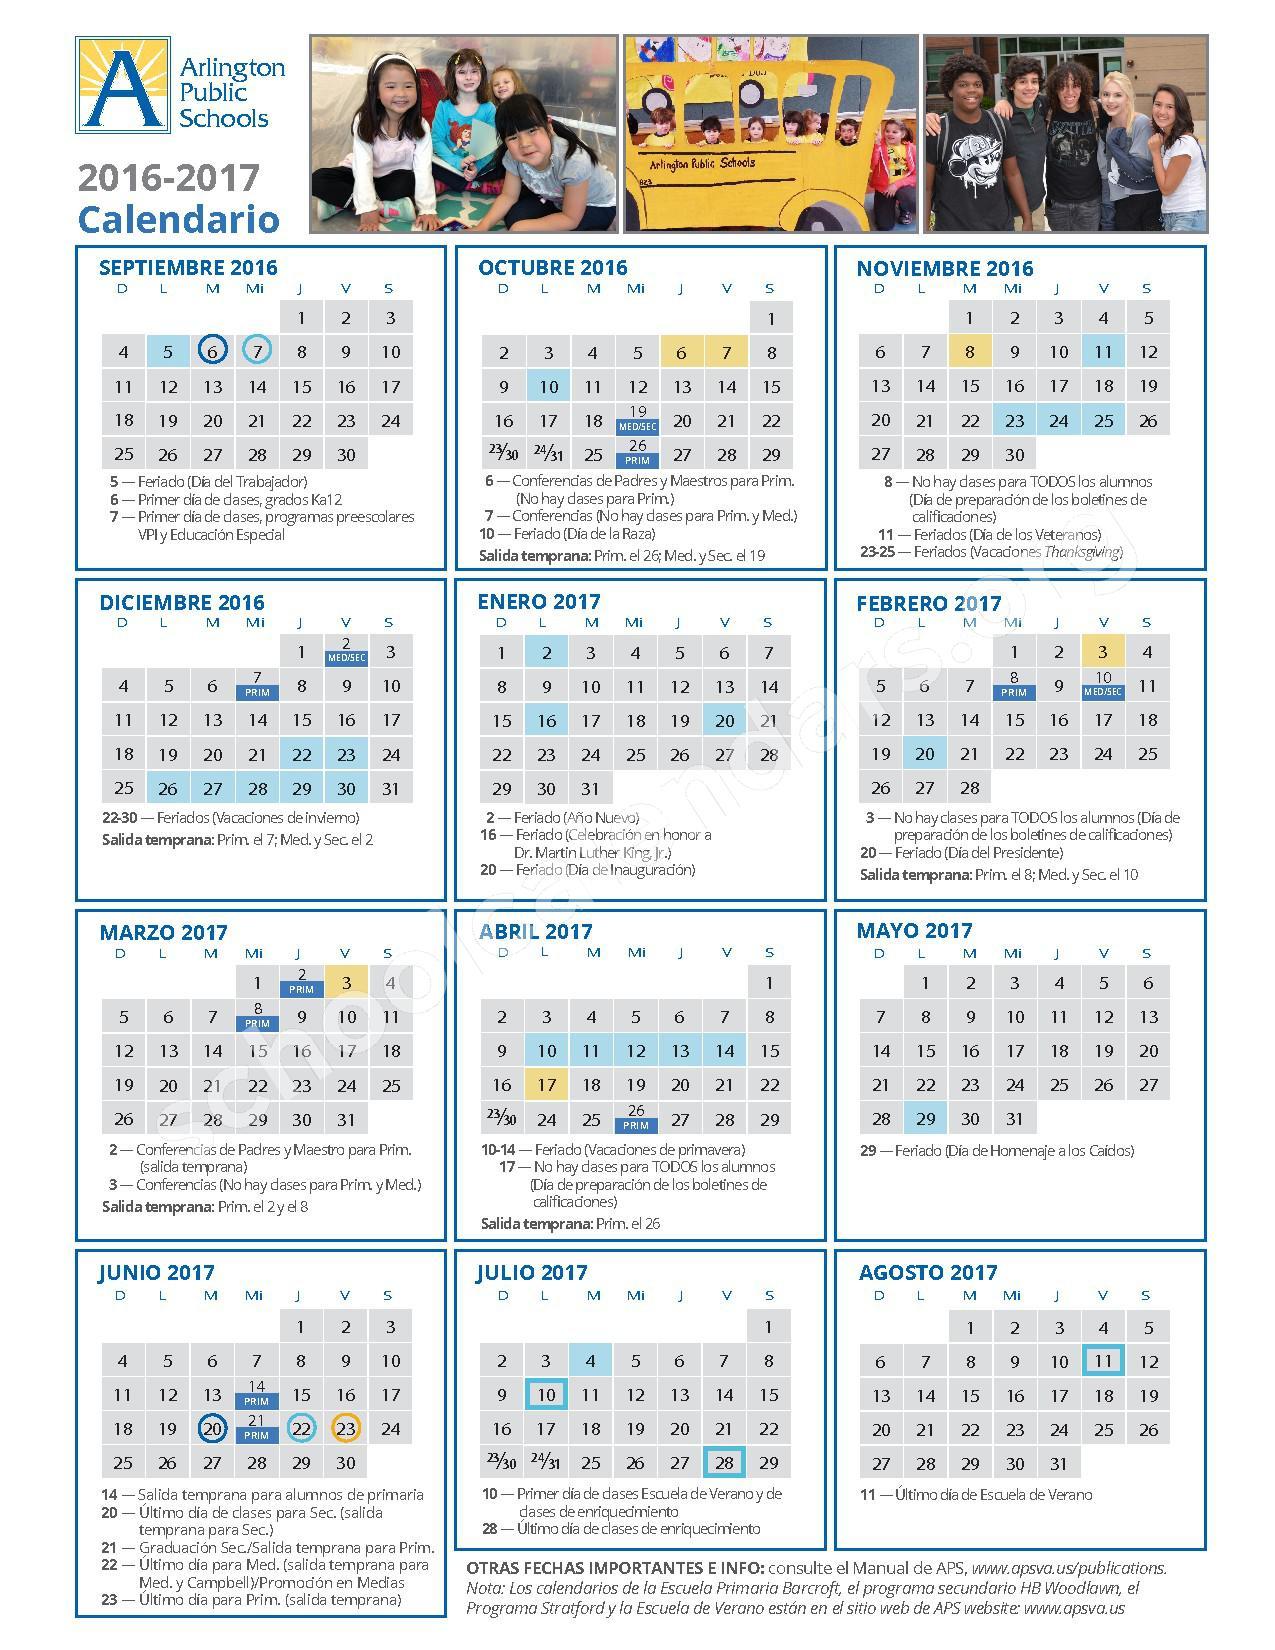 2016 - 2017 School Calendar / Calendario Escolar – Arlington County Public Schools – page 2